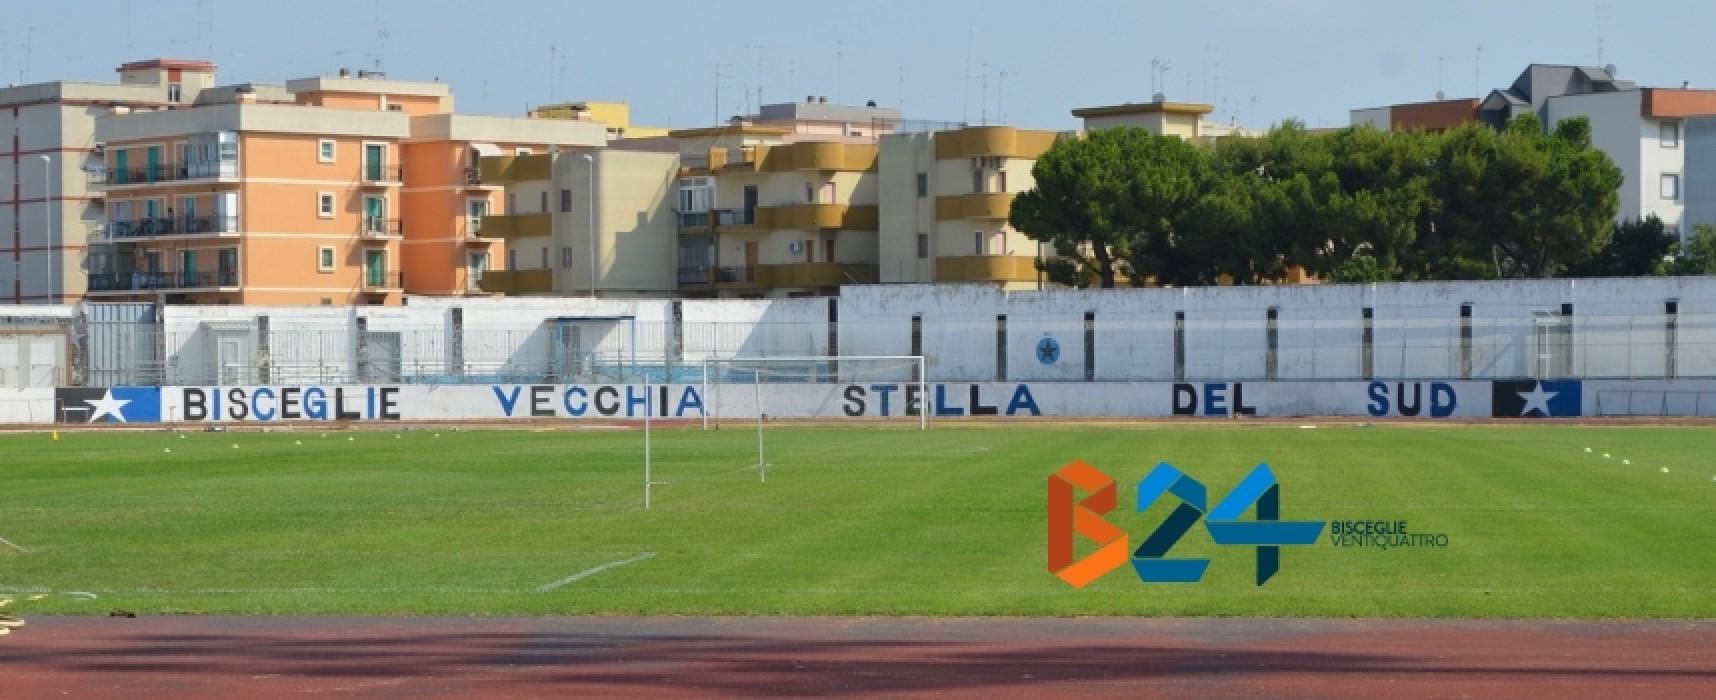 """Lavori stadio Ventura, Spina: """"Reperiti 143mila euro dall'amministrazione comunale"""""""